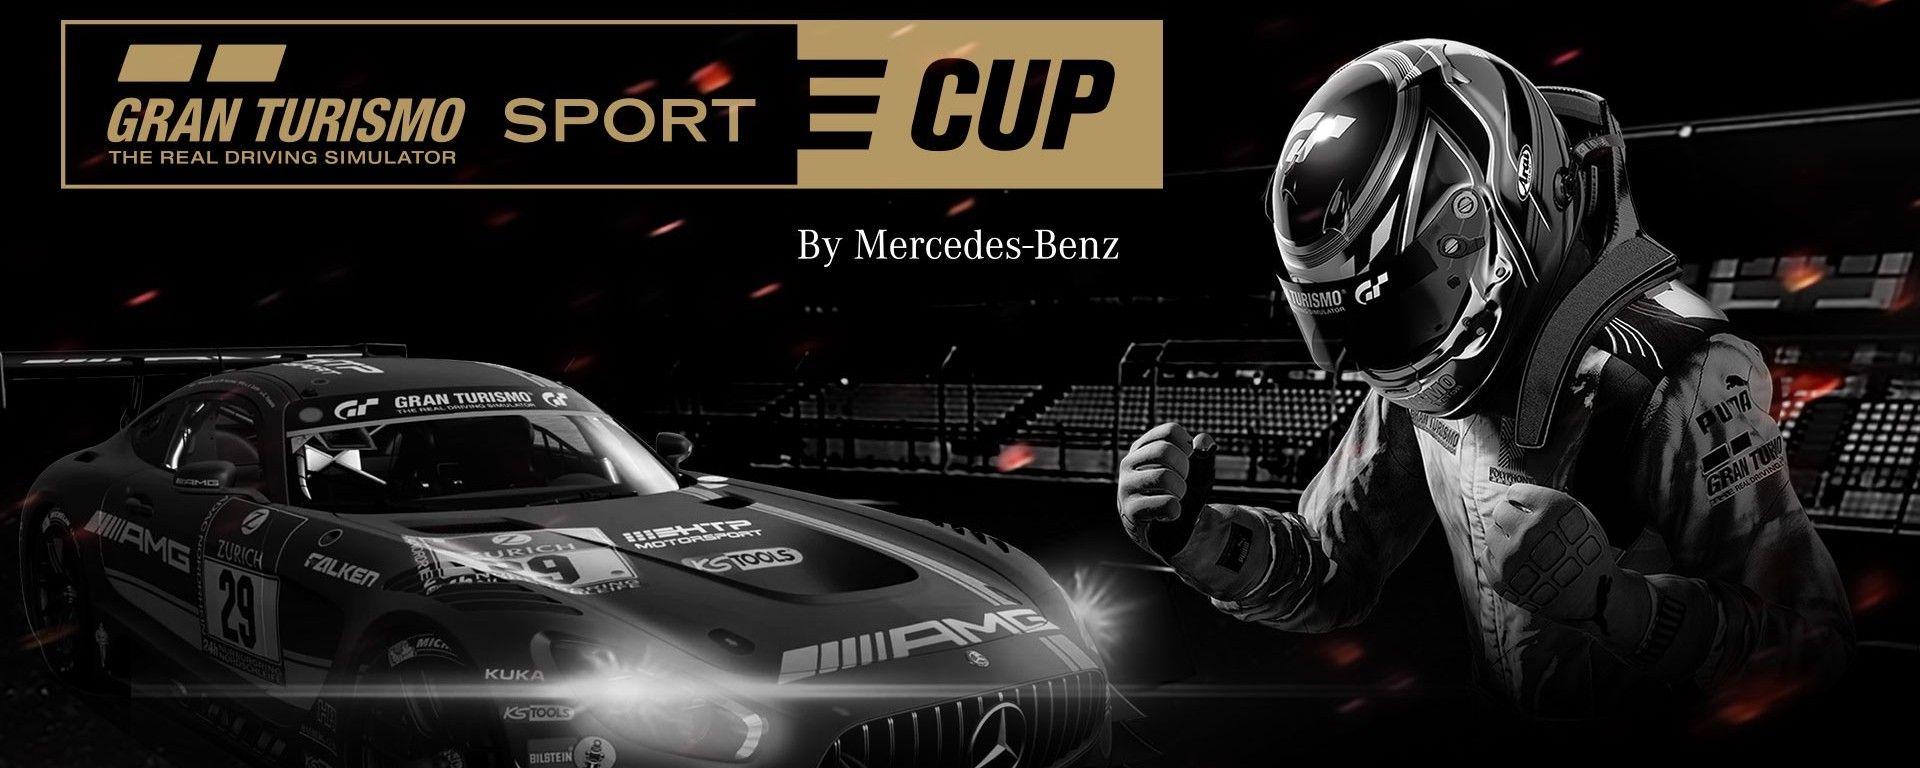 Gran Turismo Sport e-Cup by Mercedes-Benz: ecco come partecipare